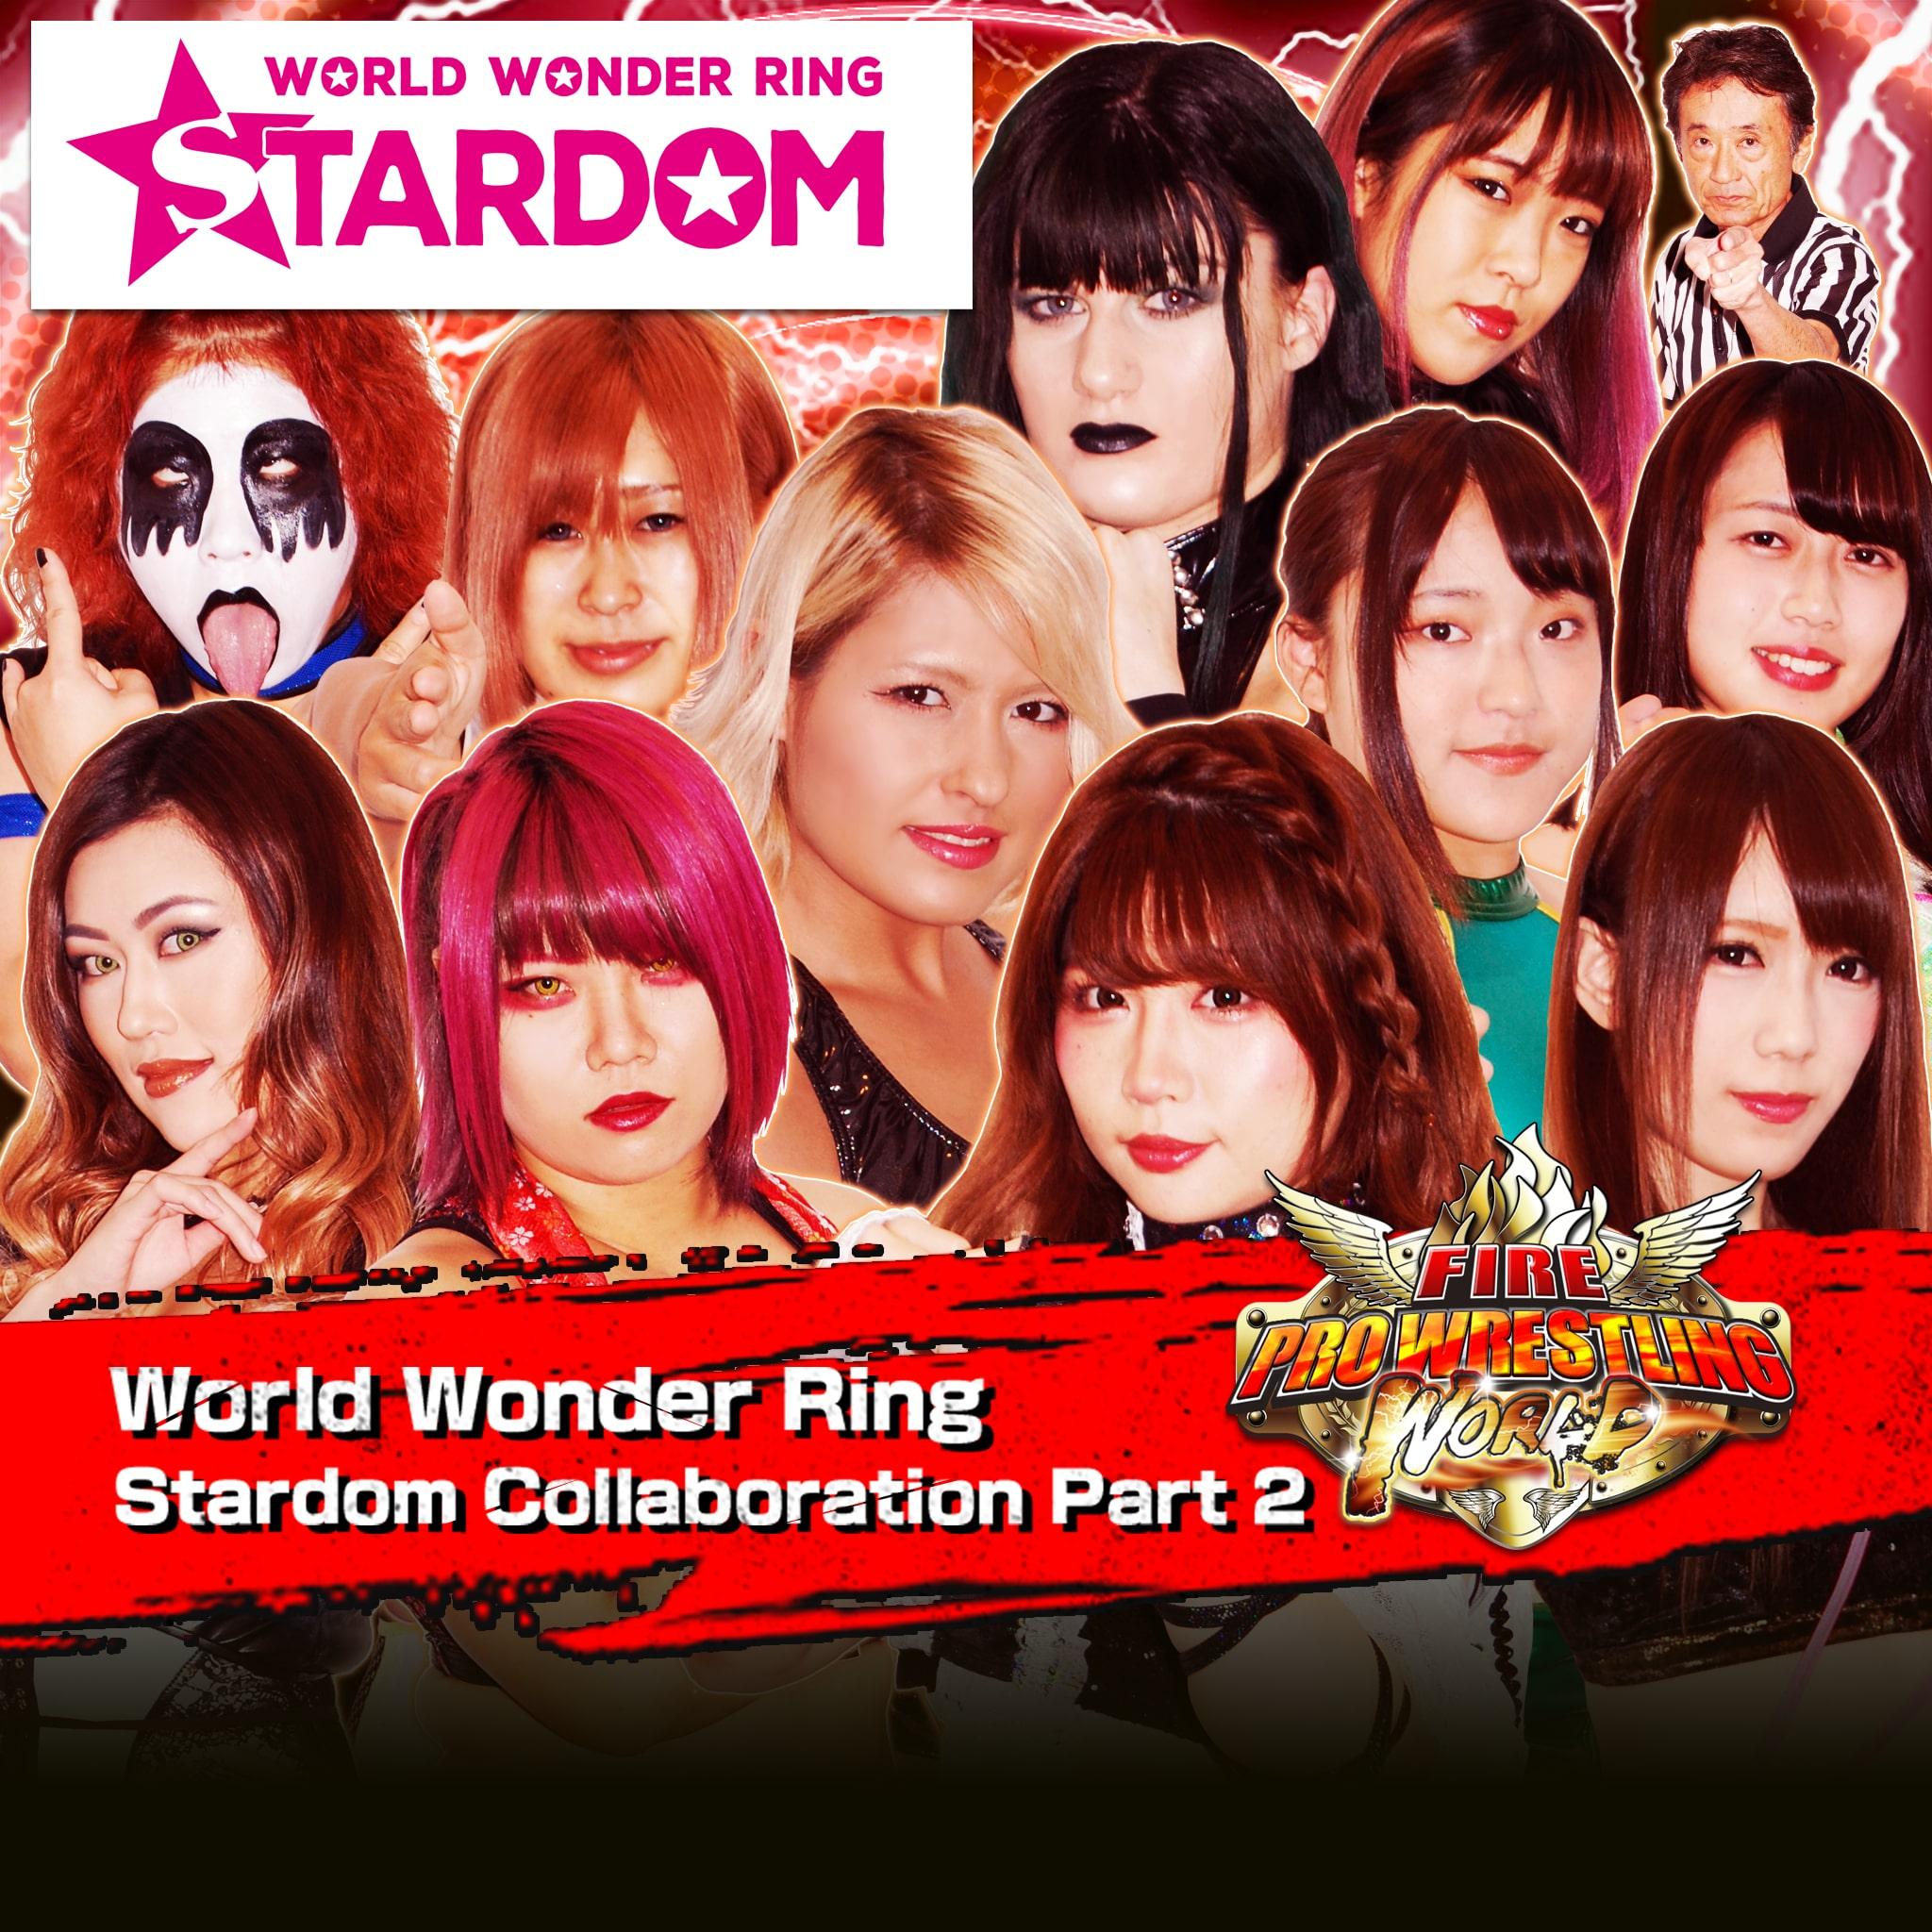 World Wonder Ring Stardom Collaboration Part 2